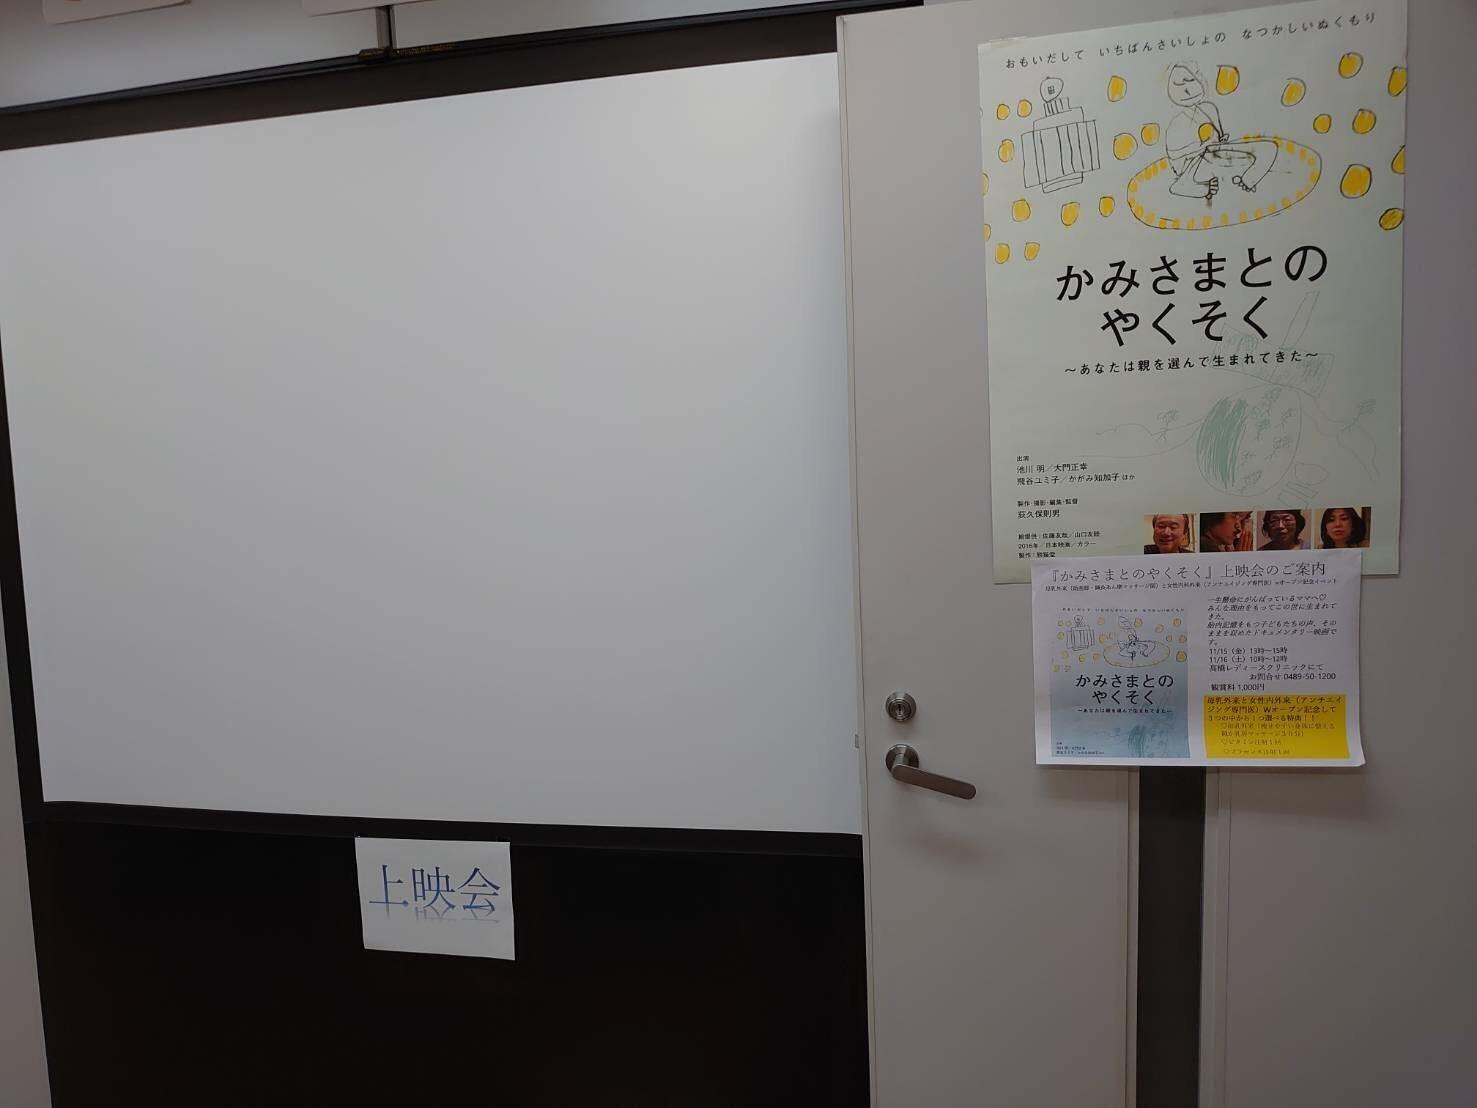 三郷 高橋 レディース クリニック